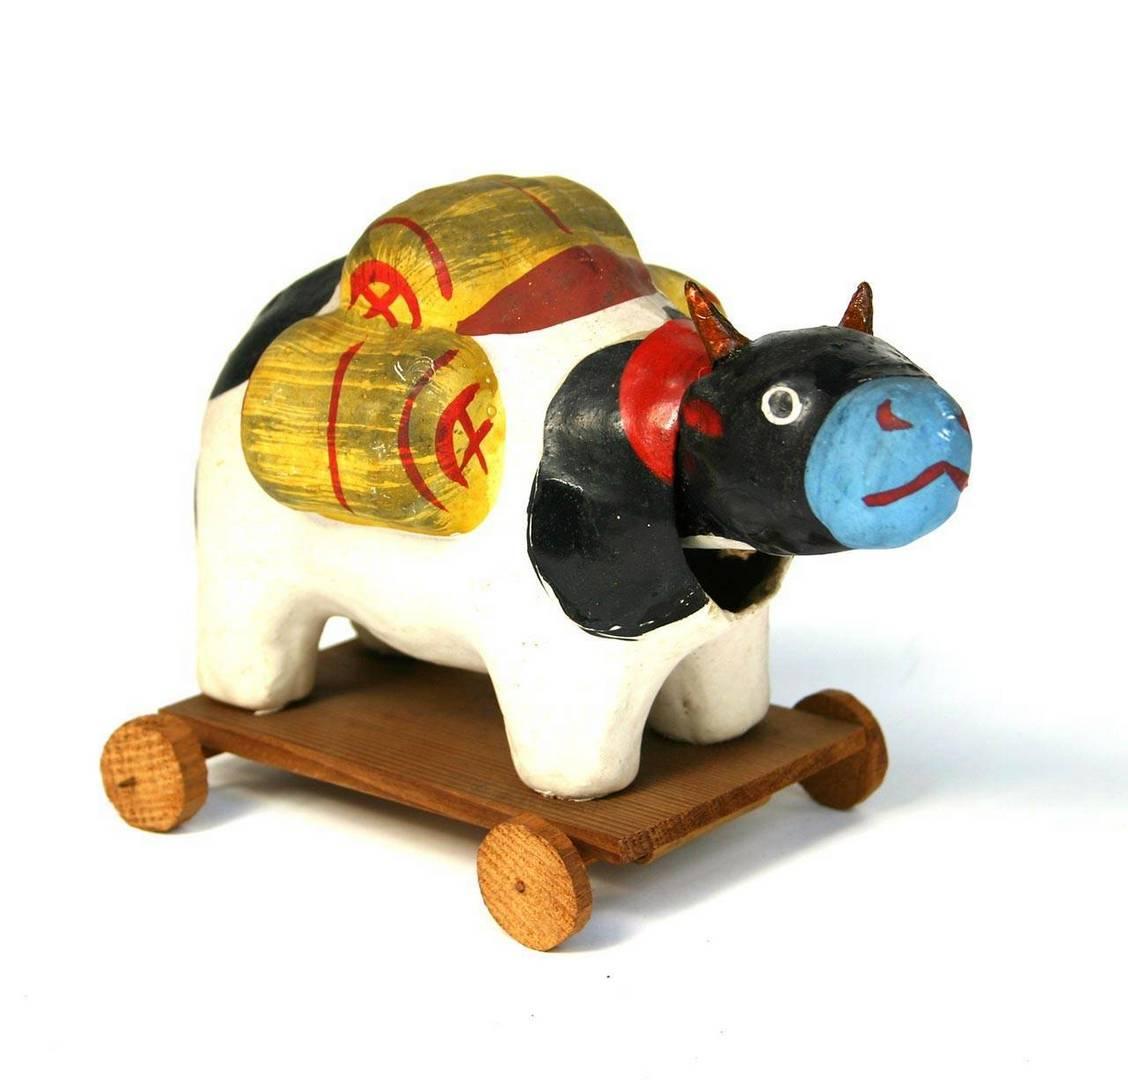 פרה עם צרורות אורז, קנאזווה, שנות ה־30